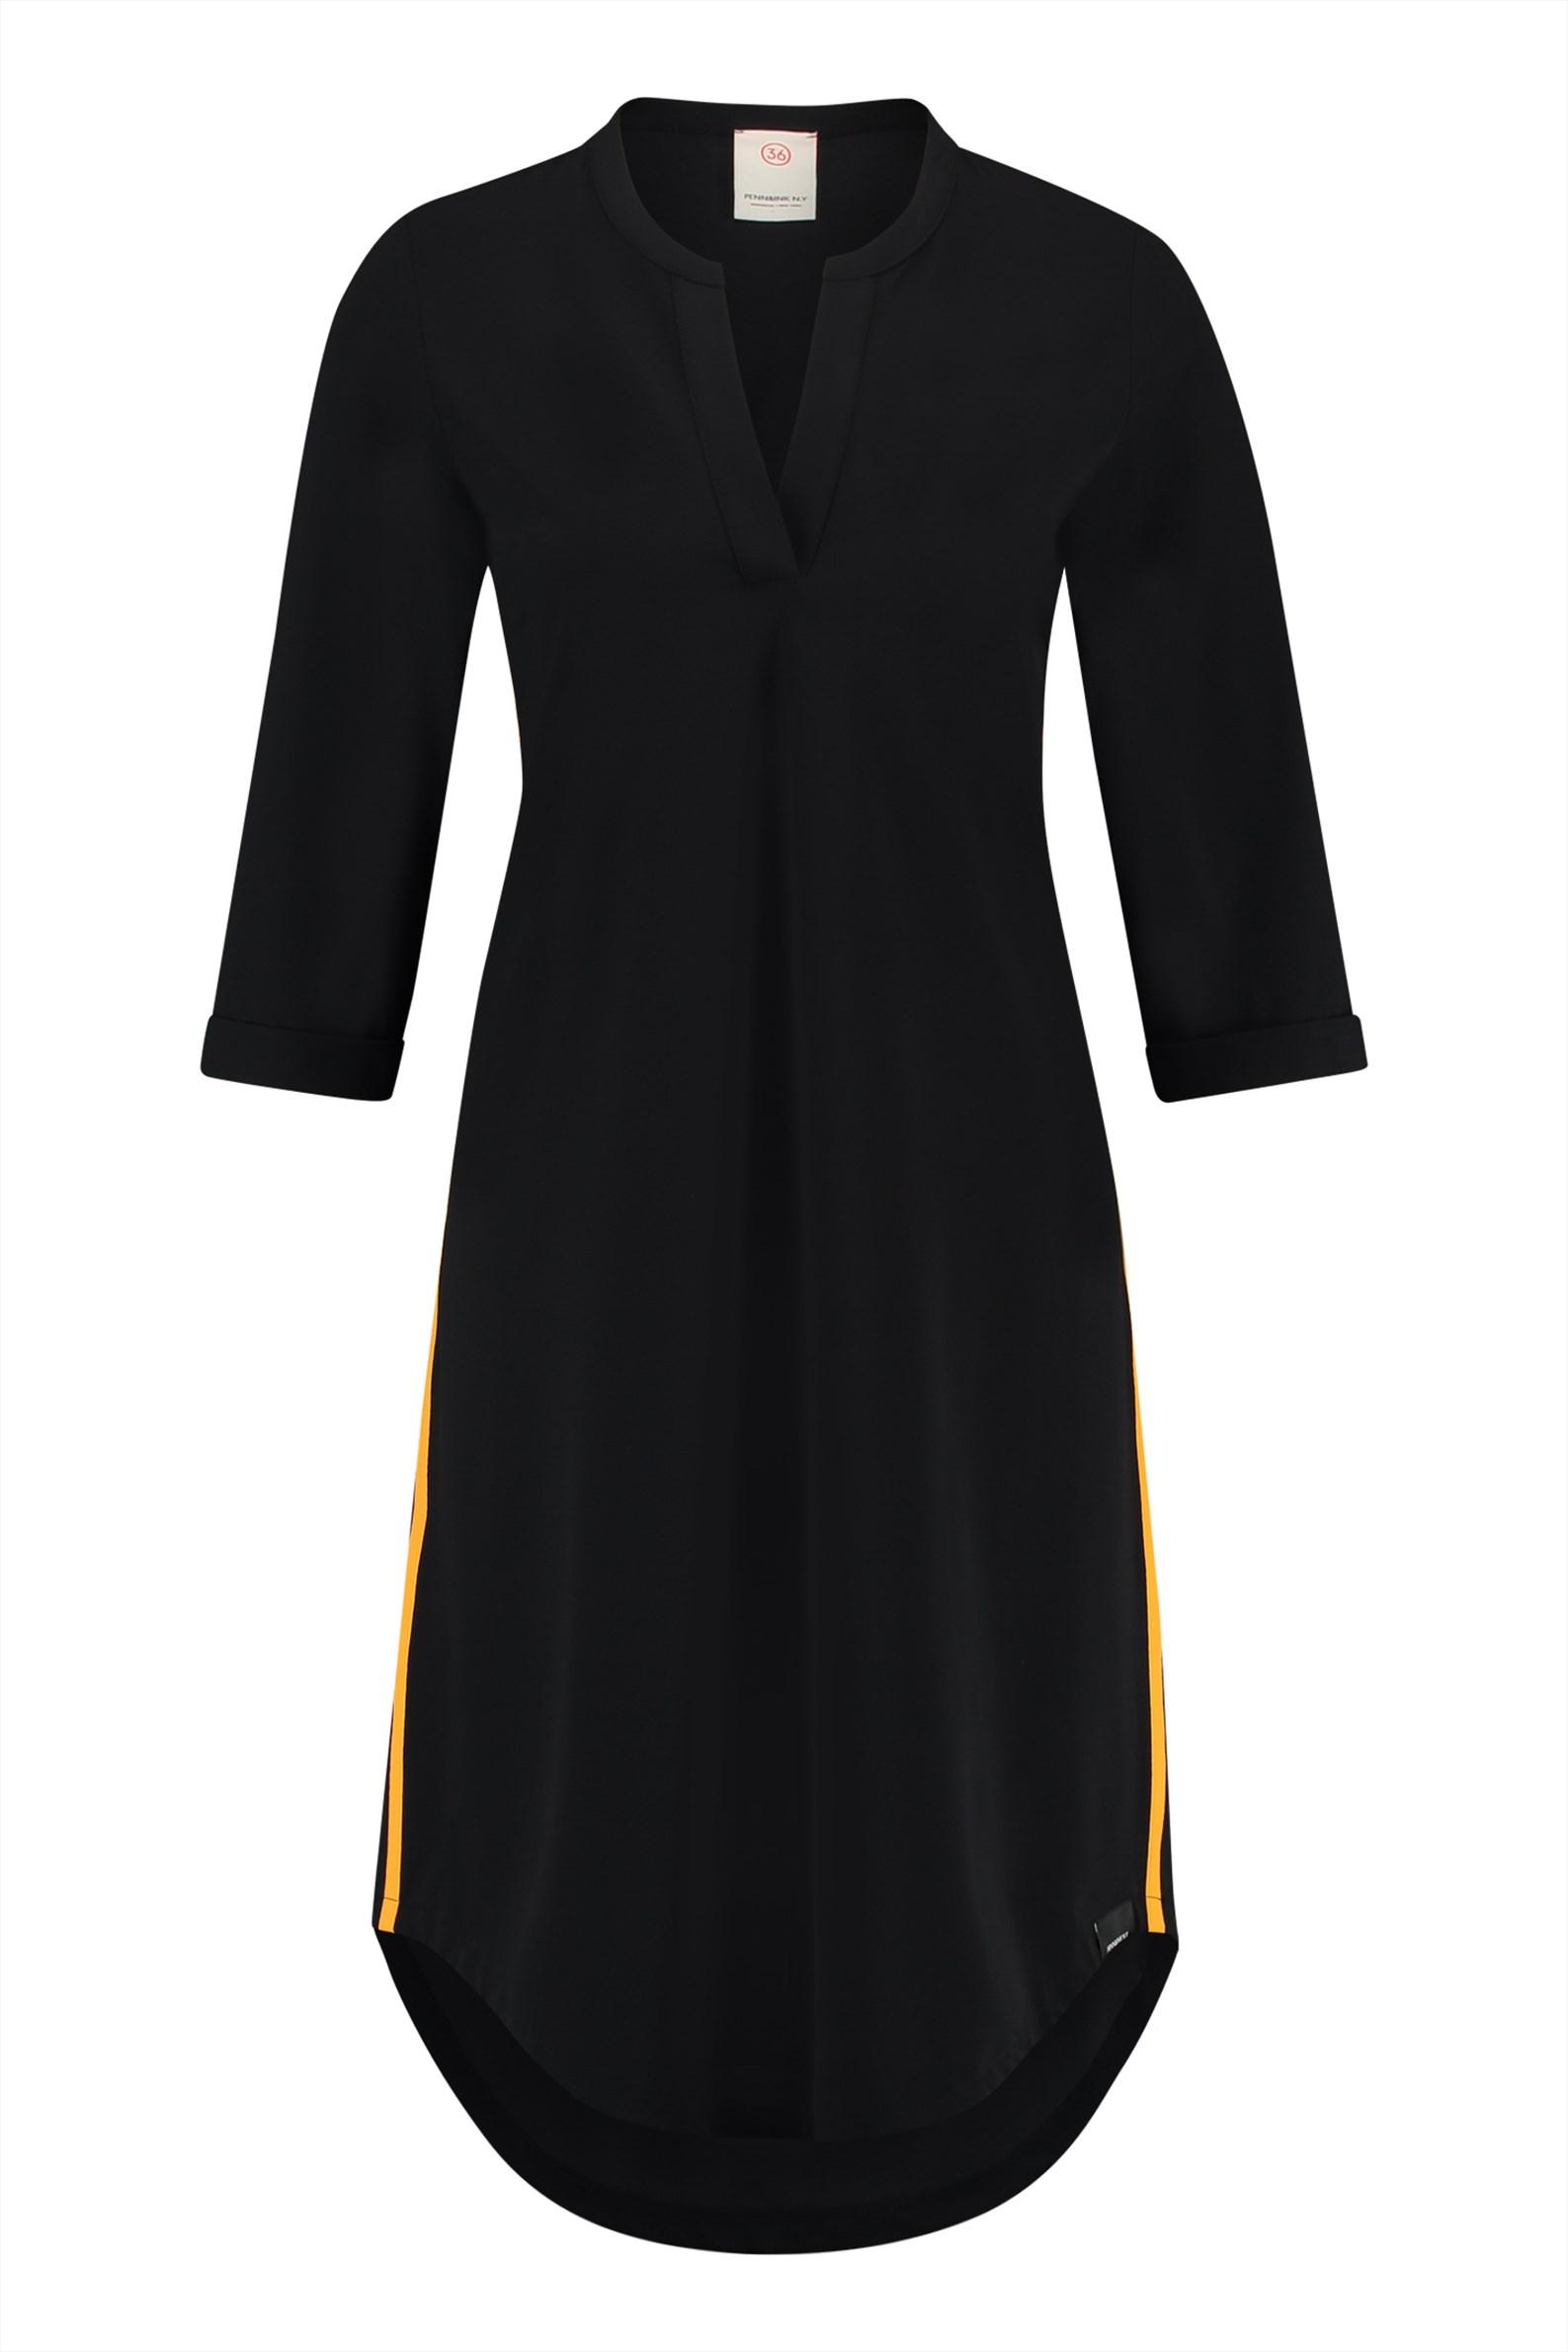 Zwarte dames jurk met oranje detail Penn & Ink - S18N025